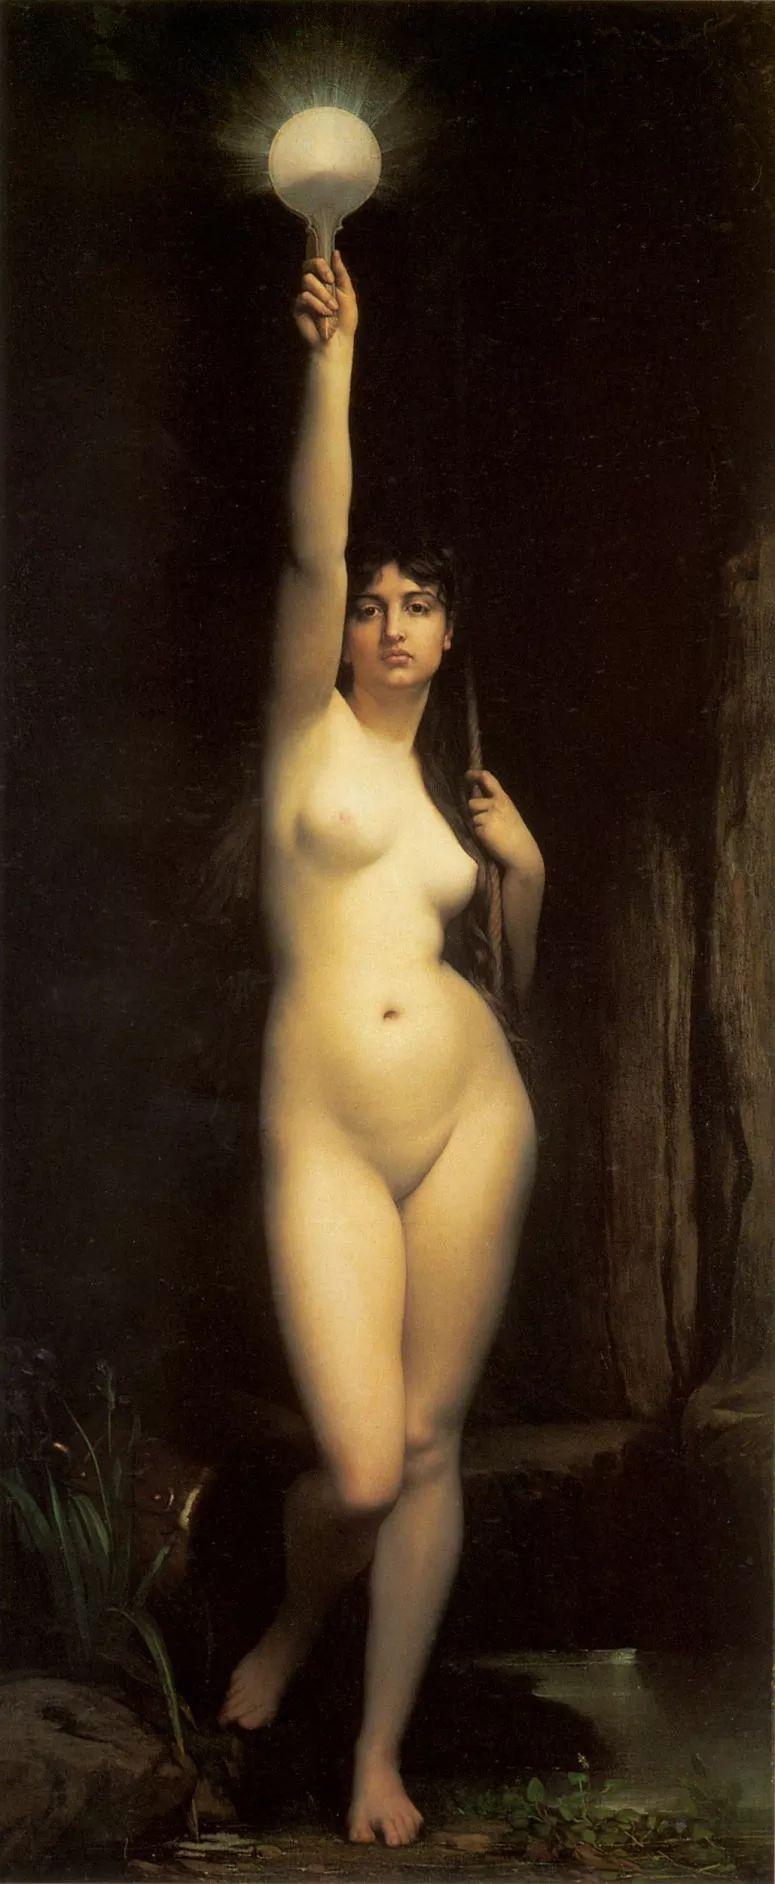 对不起,你的人像作品美到我了!法国学院派画家Jules Joseph Lefebvre插图13